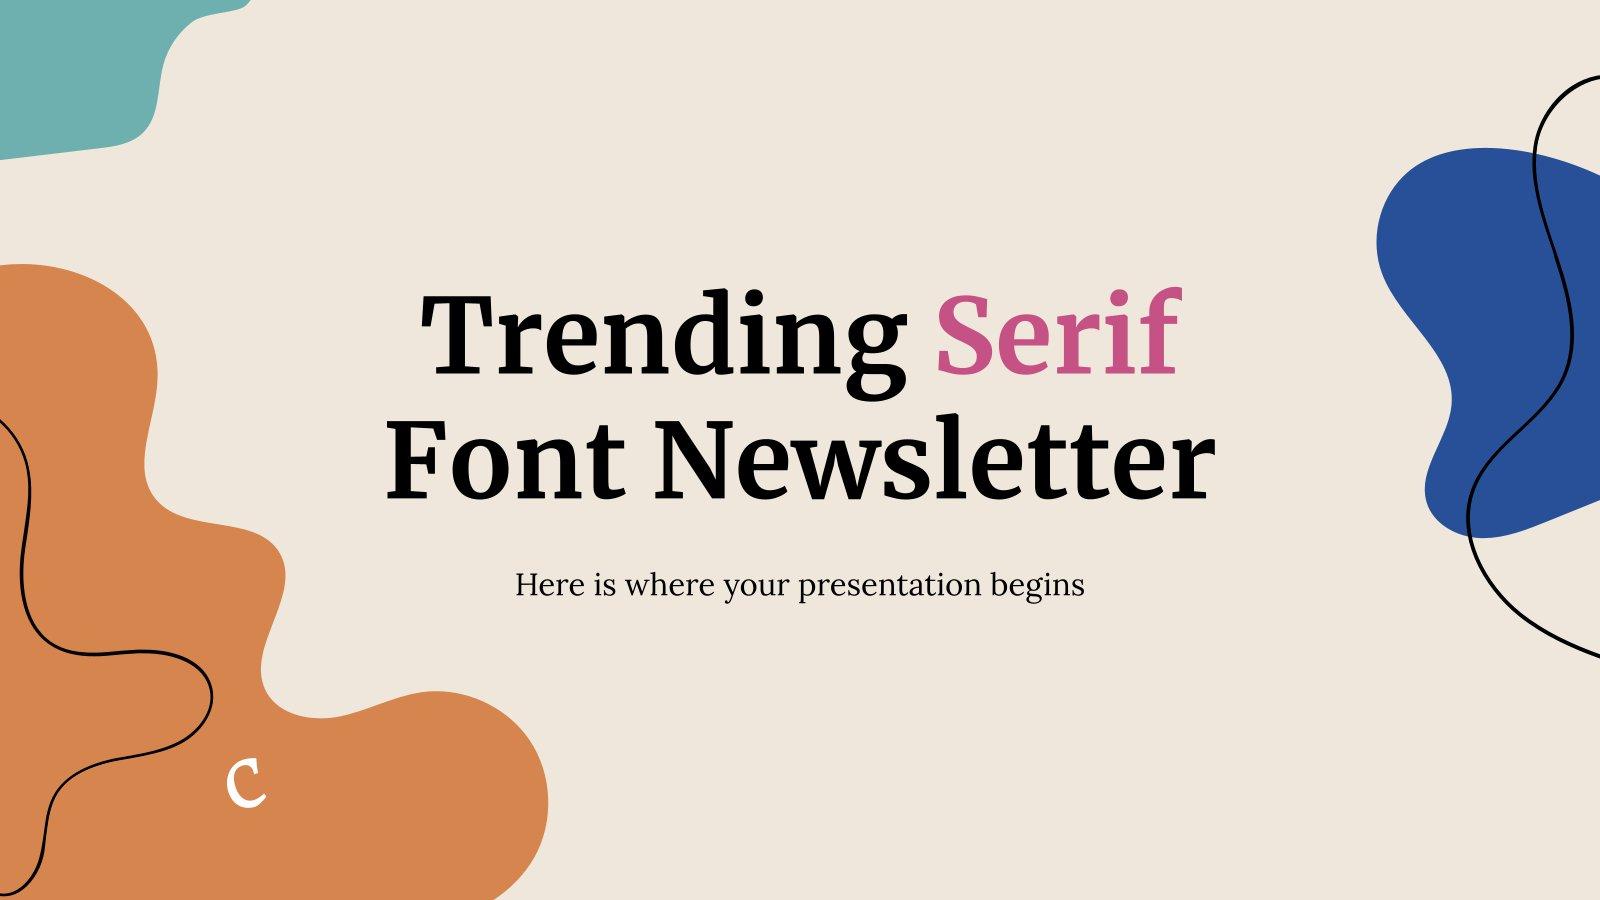 Modelo de apresentação Newsletter com fontes serifadas